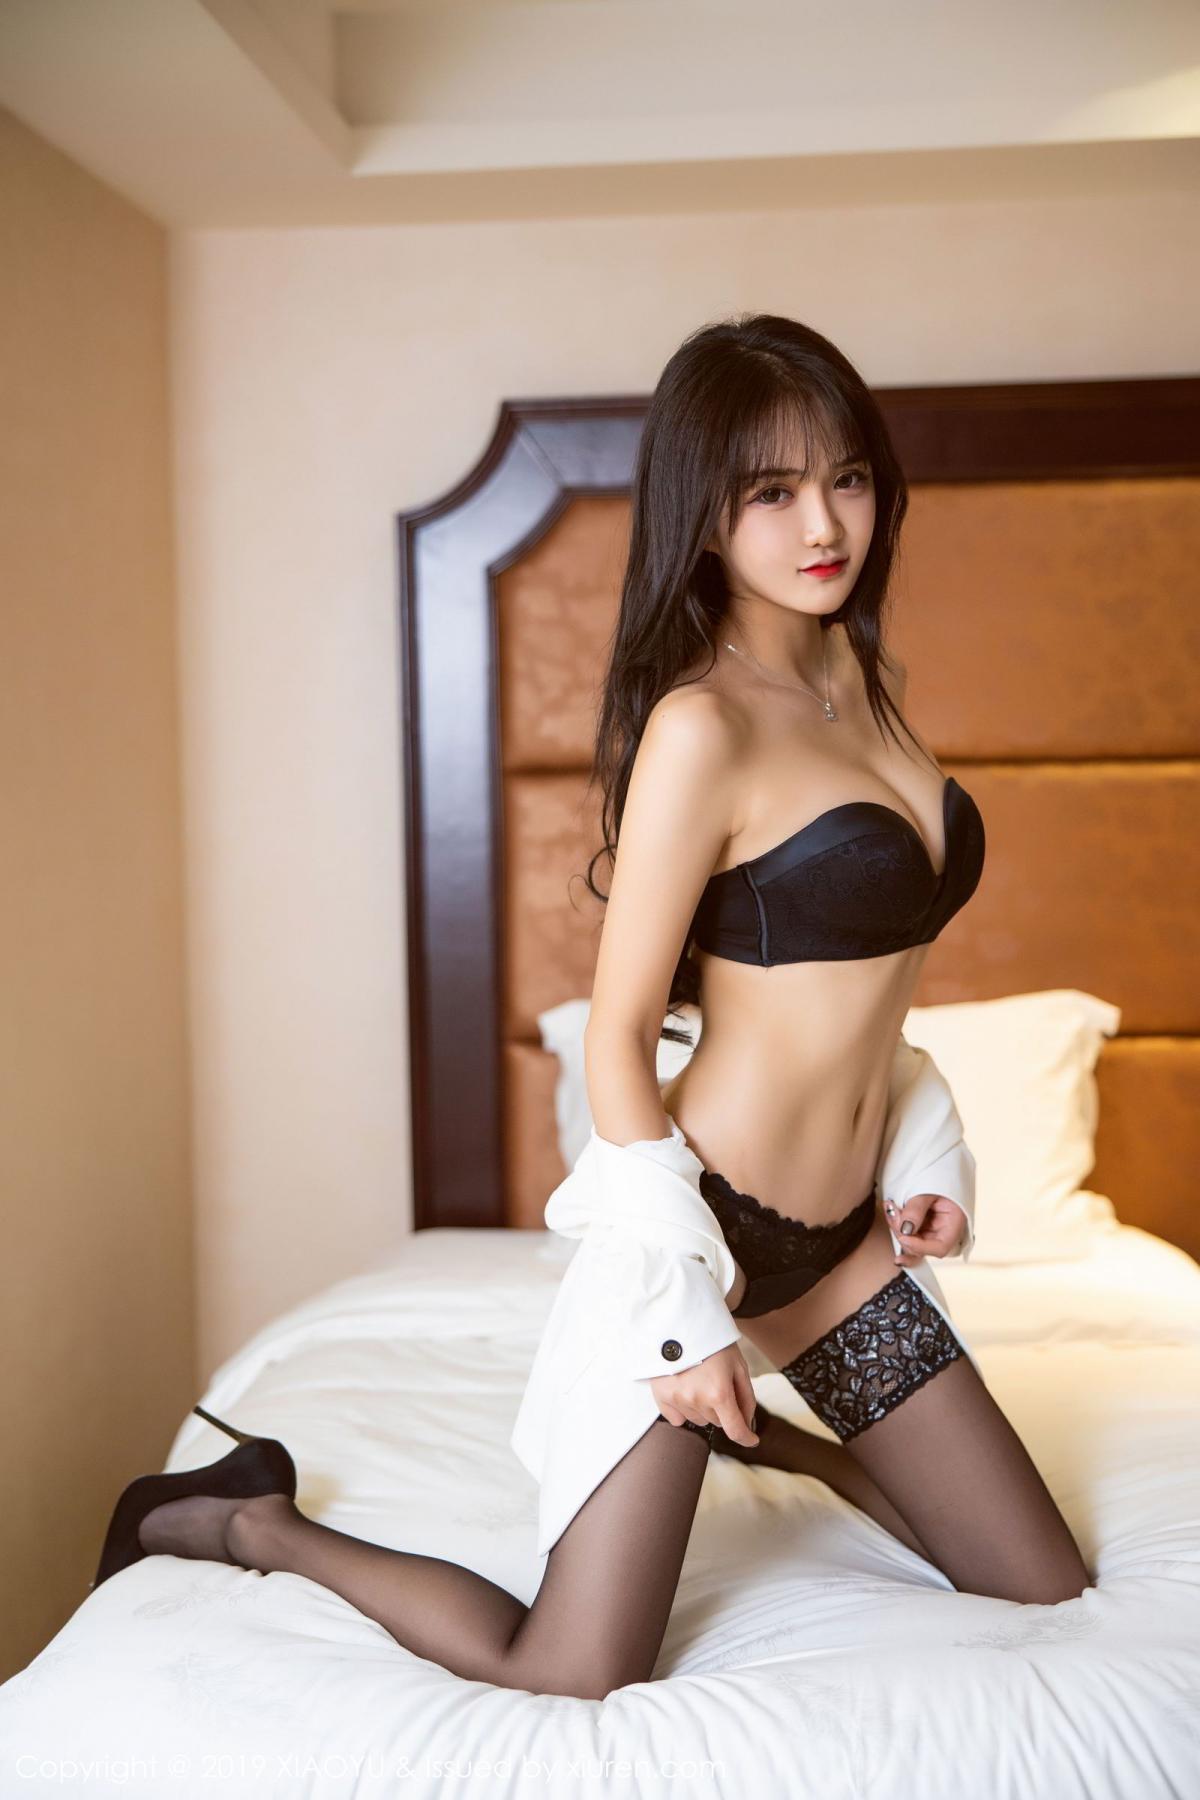 [XiaoYu] Vol.200 Miko Jiang 31P, Miko Jiang, Slim, Tall, Underwear, XiaoYu